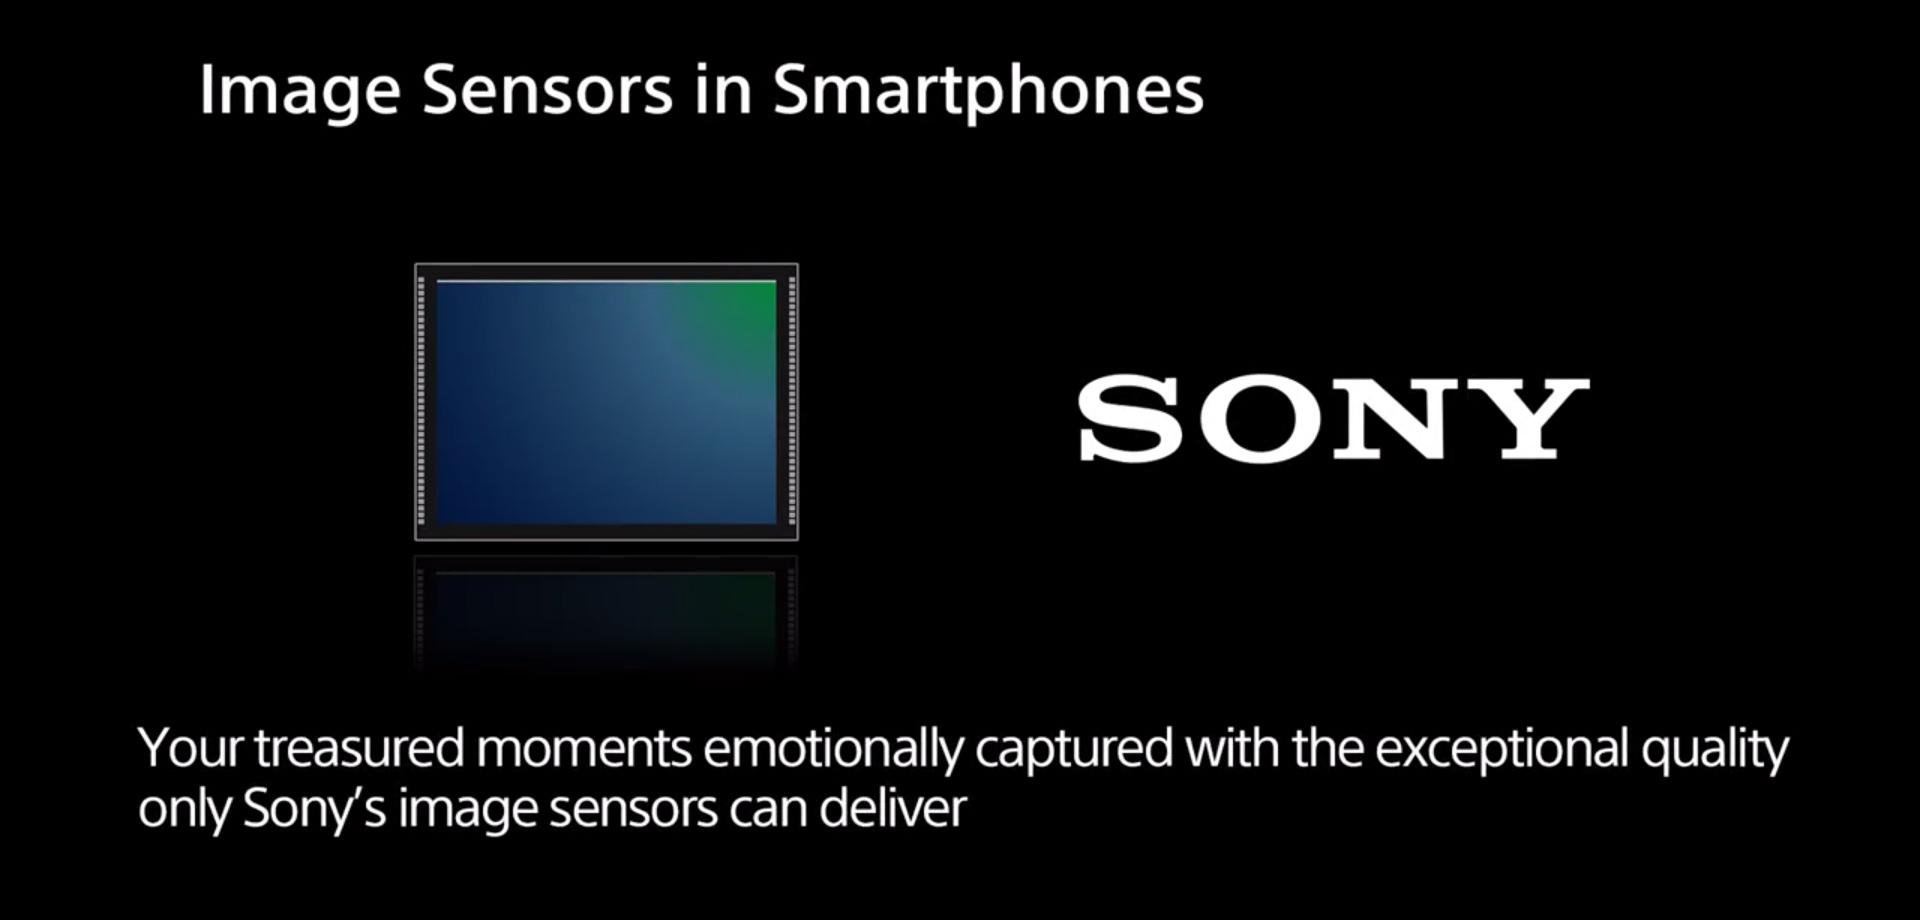 Sony IMX686 geliyor! Telefonların yeni kamerası - ShiftDelete.Net